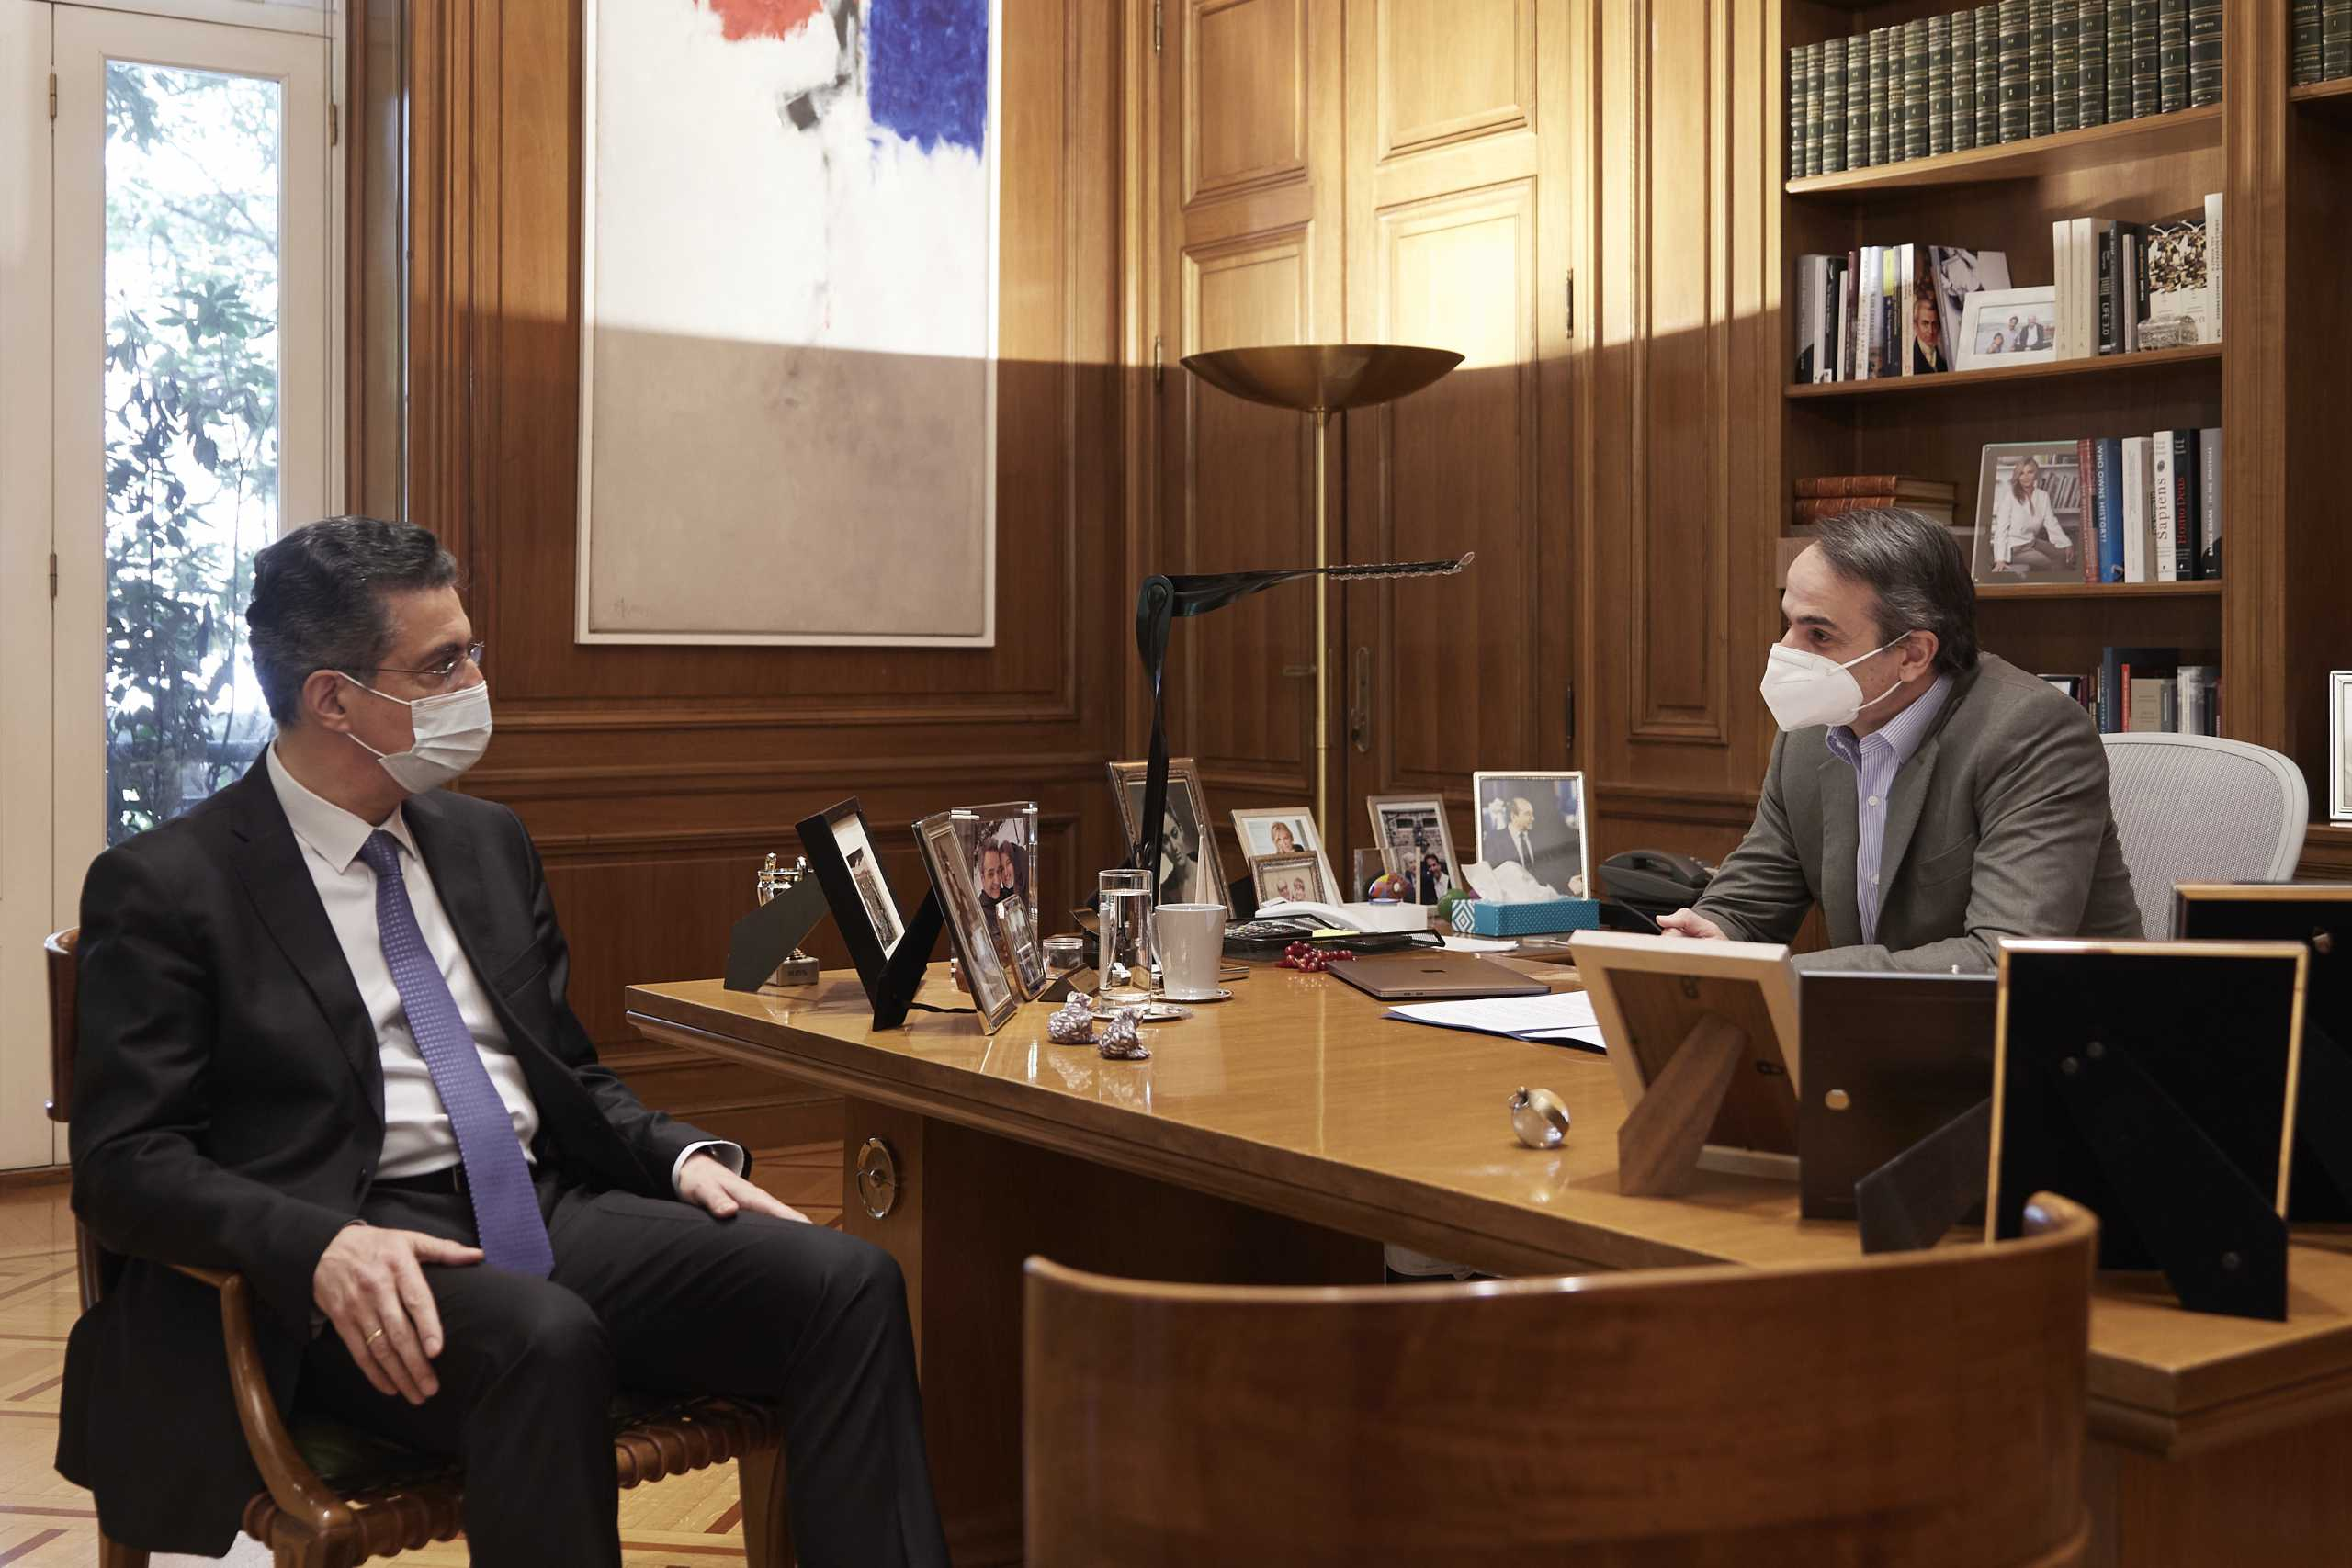 Επιτροπή για την ισότητα των ΛΟΑΤΚΙ+ συστήνει η Ελλάδα